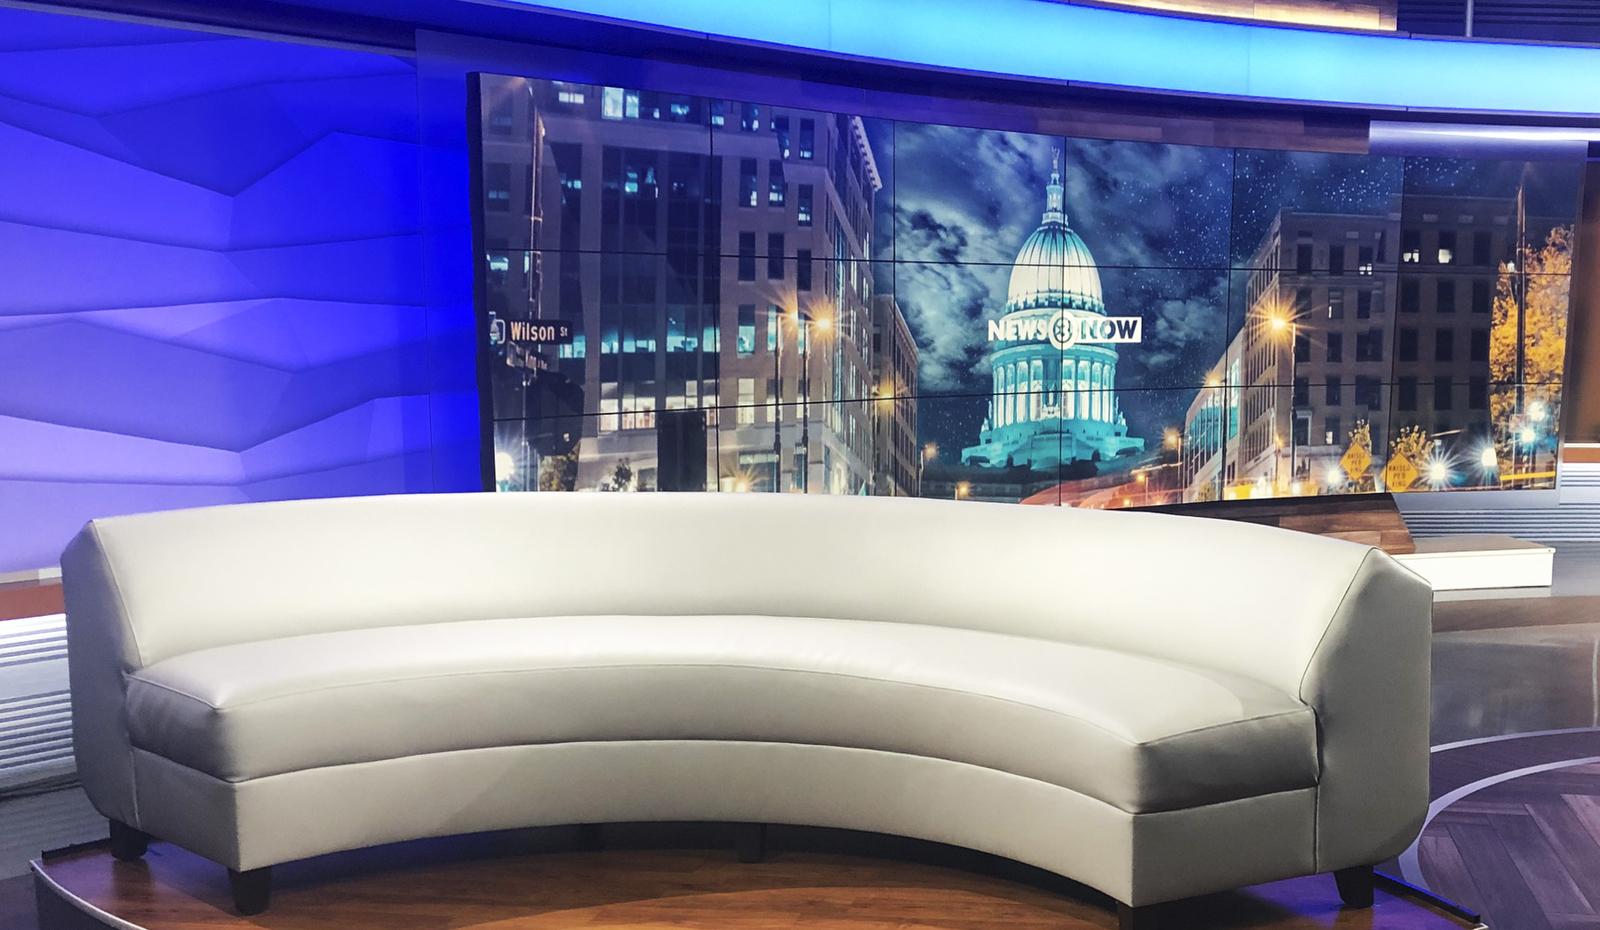 NCS_News-3-Now-WISC-TV_Studio_006